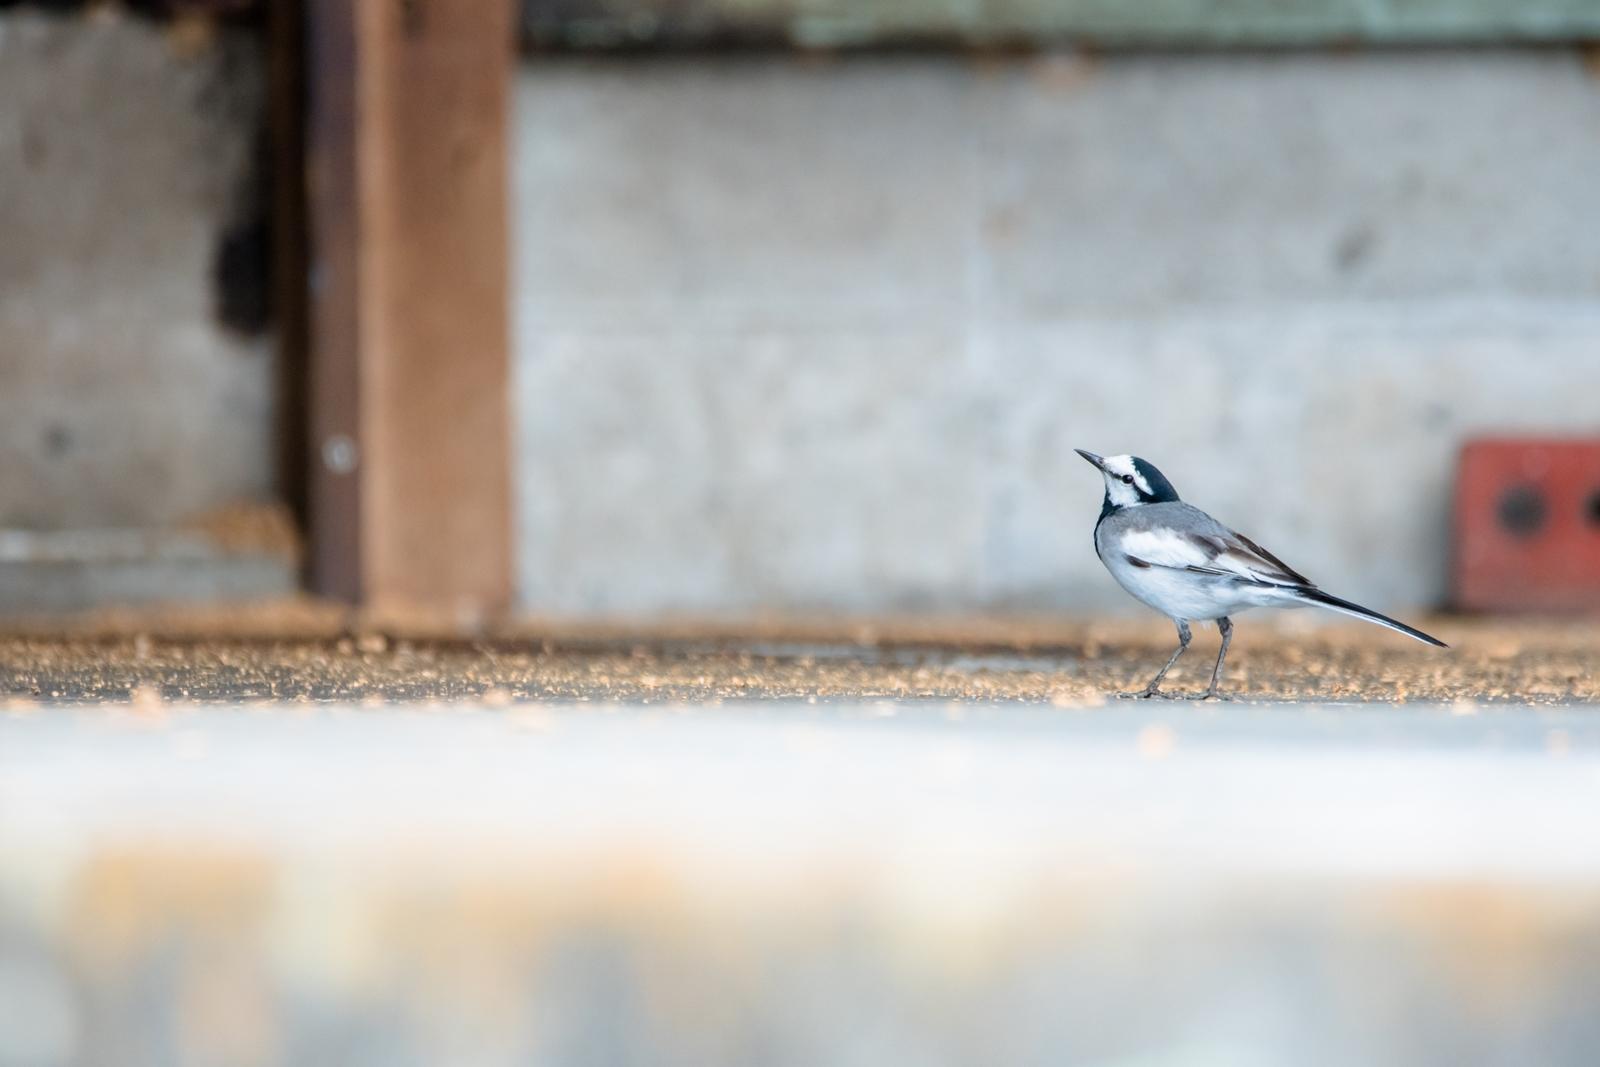 Photo: 「ご近所さん」 / neighbors.  気付くと近くを歩いてる ずっとそばにいるご近所さん とても好奇心いっぱいで そーっと訪問しているよ  White Wagtail. (ハクセキレイ)  Nikon D500 SIGMA 150-600mm F5-6.3 DG OS HSM Contemporary  #birdphotography #birds #kawaii #ことり #小鳥 #nikon #sigma  ( http://takafumiooshio.com/archives/2687 )